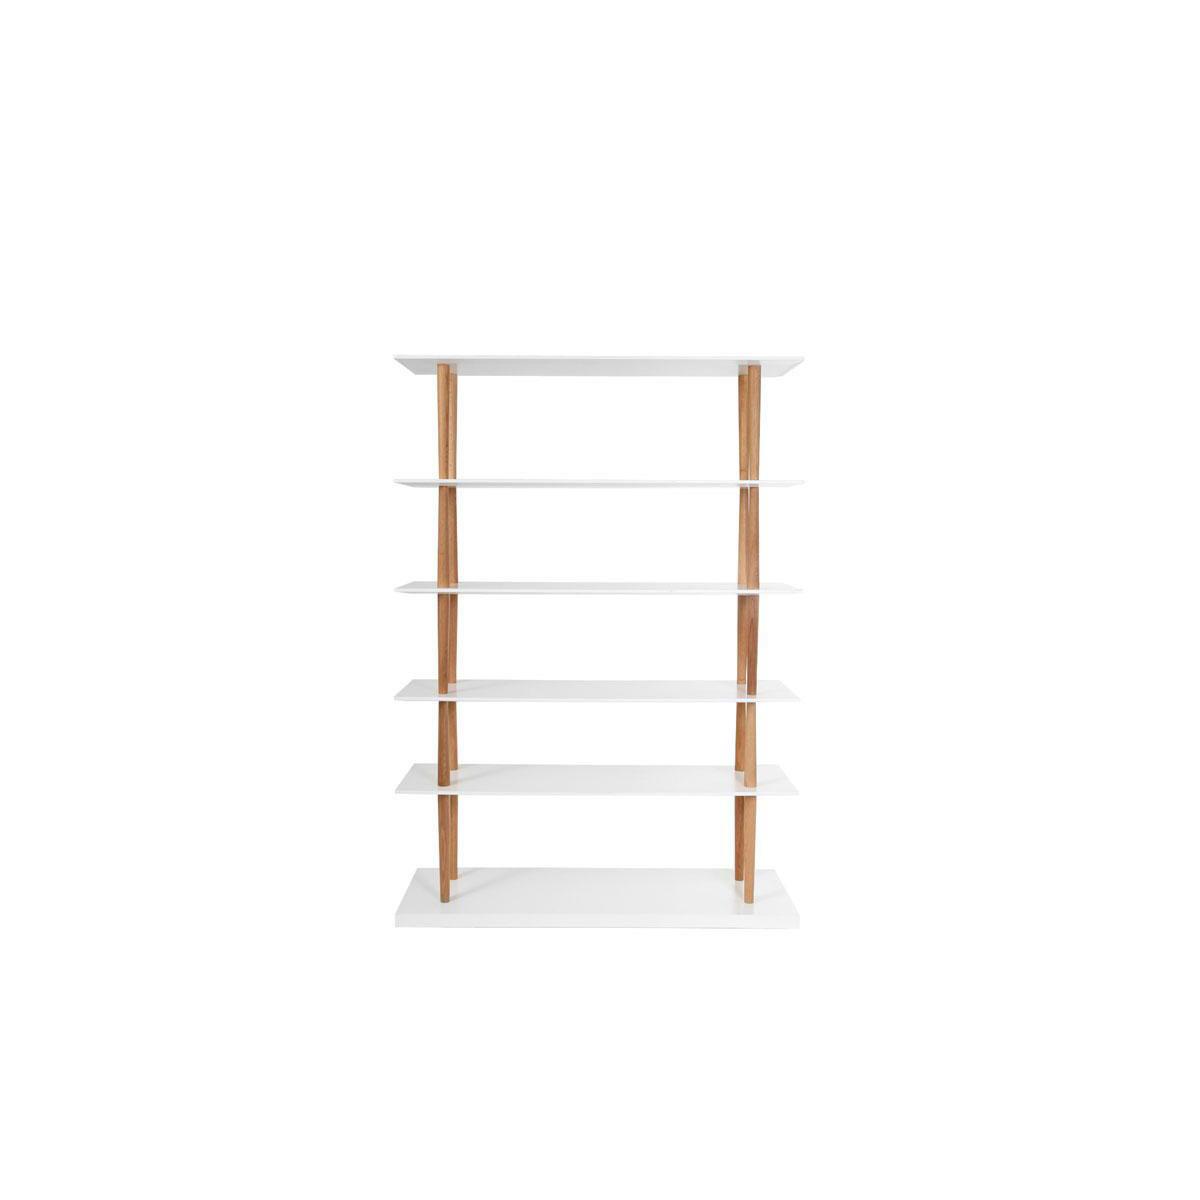 Libreria design in legno naturale e bianco 5 mensole GILDA